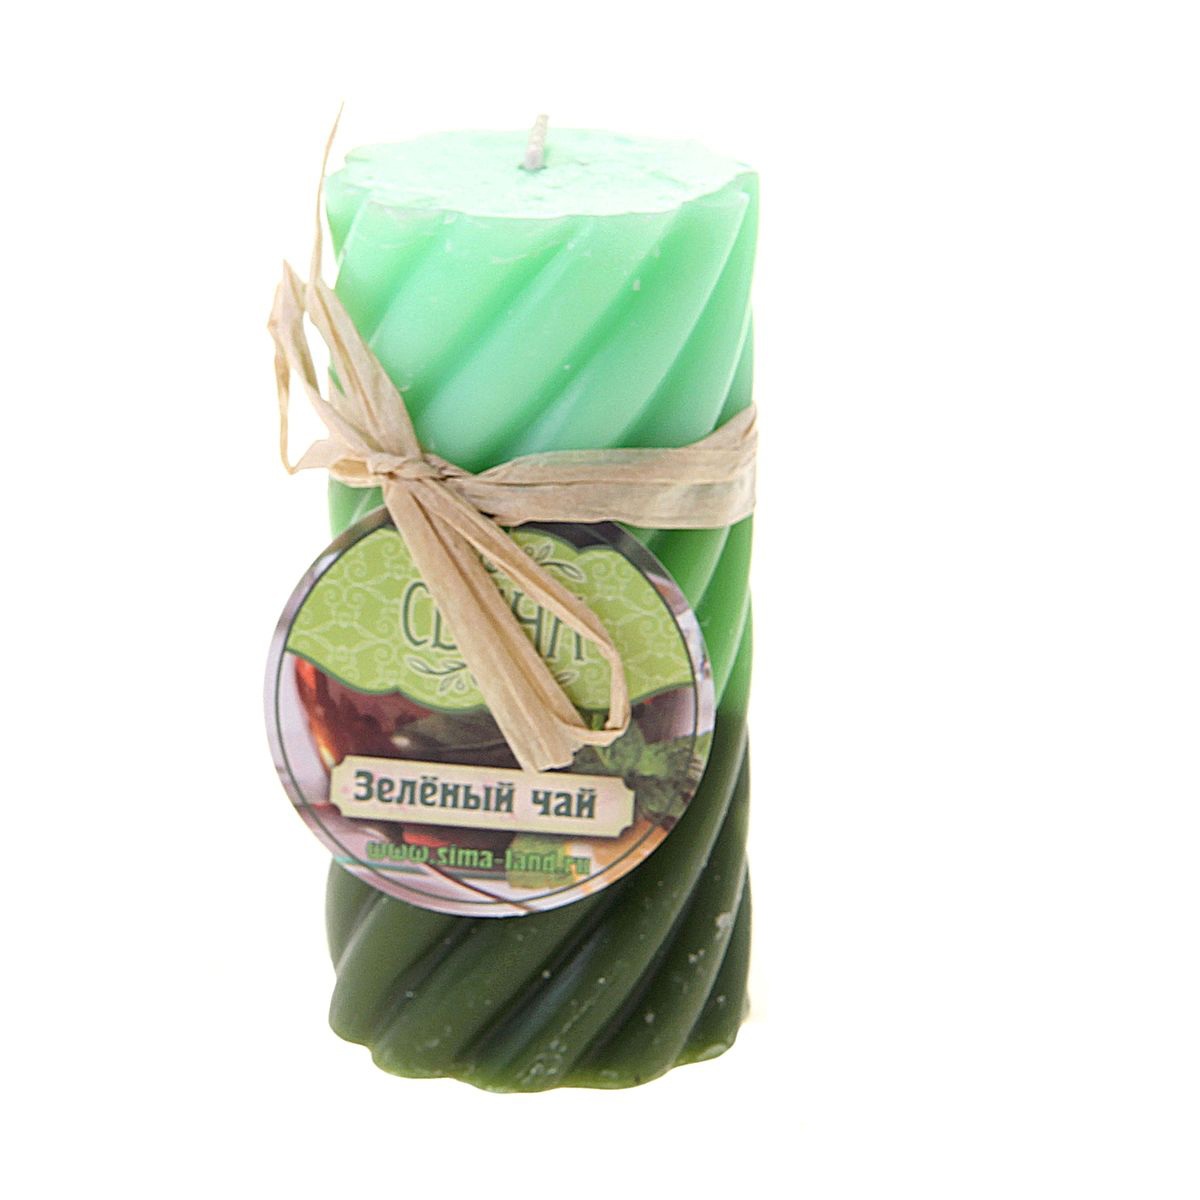 Свеча ароматизированная Sima-land Зеленый чай, высота 10 смFS-91909Свеча Sima-land Зеленый чай выполненная из воска в виде столбика и оформлена волнообразным рельефом. Изделие порадует ярким дизайном и освежающим ароматом зеленого чая, который понравится как женщинам, так и мужчинам. Создайте для себя и своих близких незабываемую атмосферу праздника в доме. Ароматическая свеча Sima-land Зеленый чай может стать не только отличным подарком, но и гарантией хорошего настроения, ведь это красивая вещь из качественного, безопасного для здоровья материала.